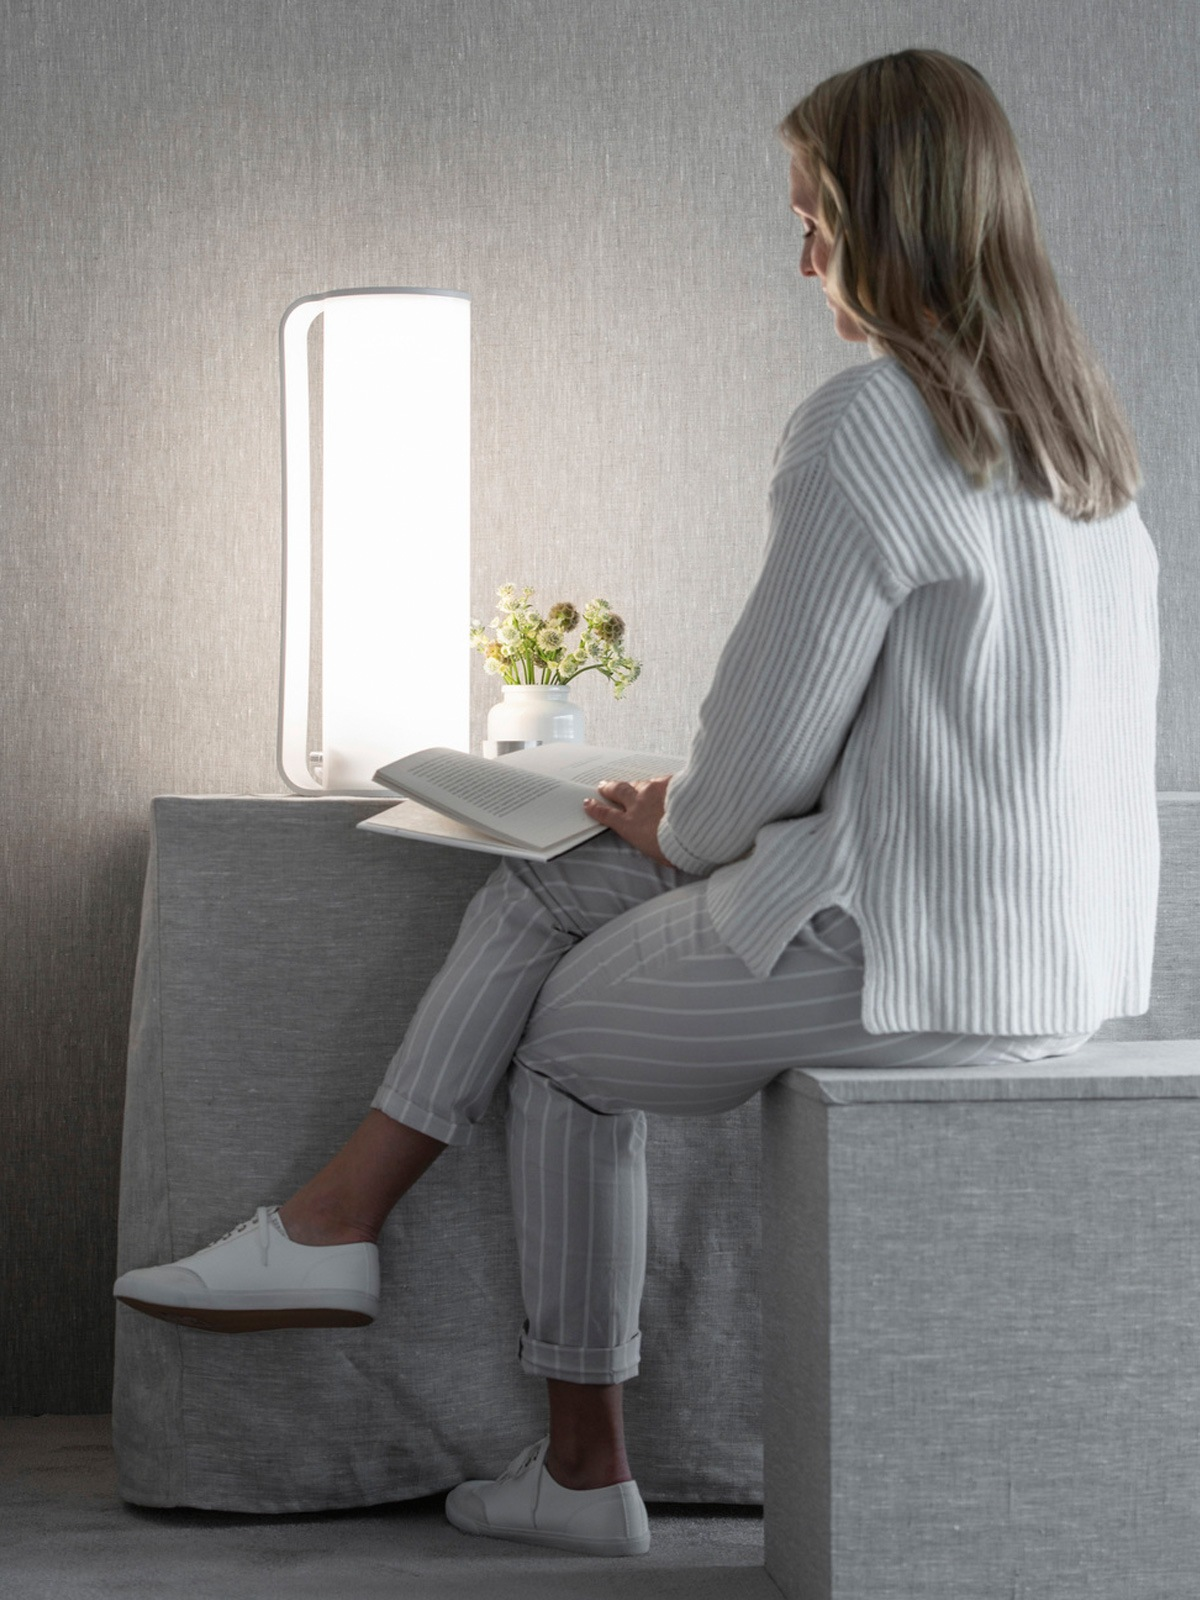 Lampe zur Lichttherapie Innolux Tubo Wellnessleuchte DesignOrt Lampen Berlin